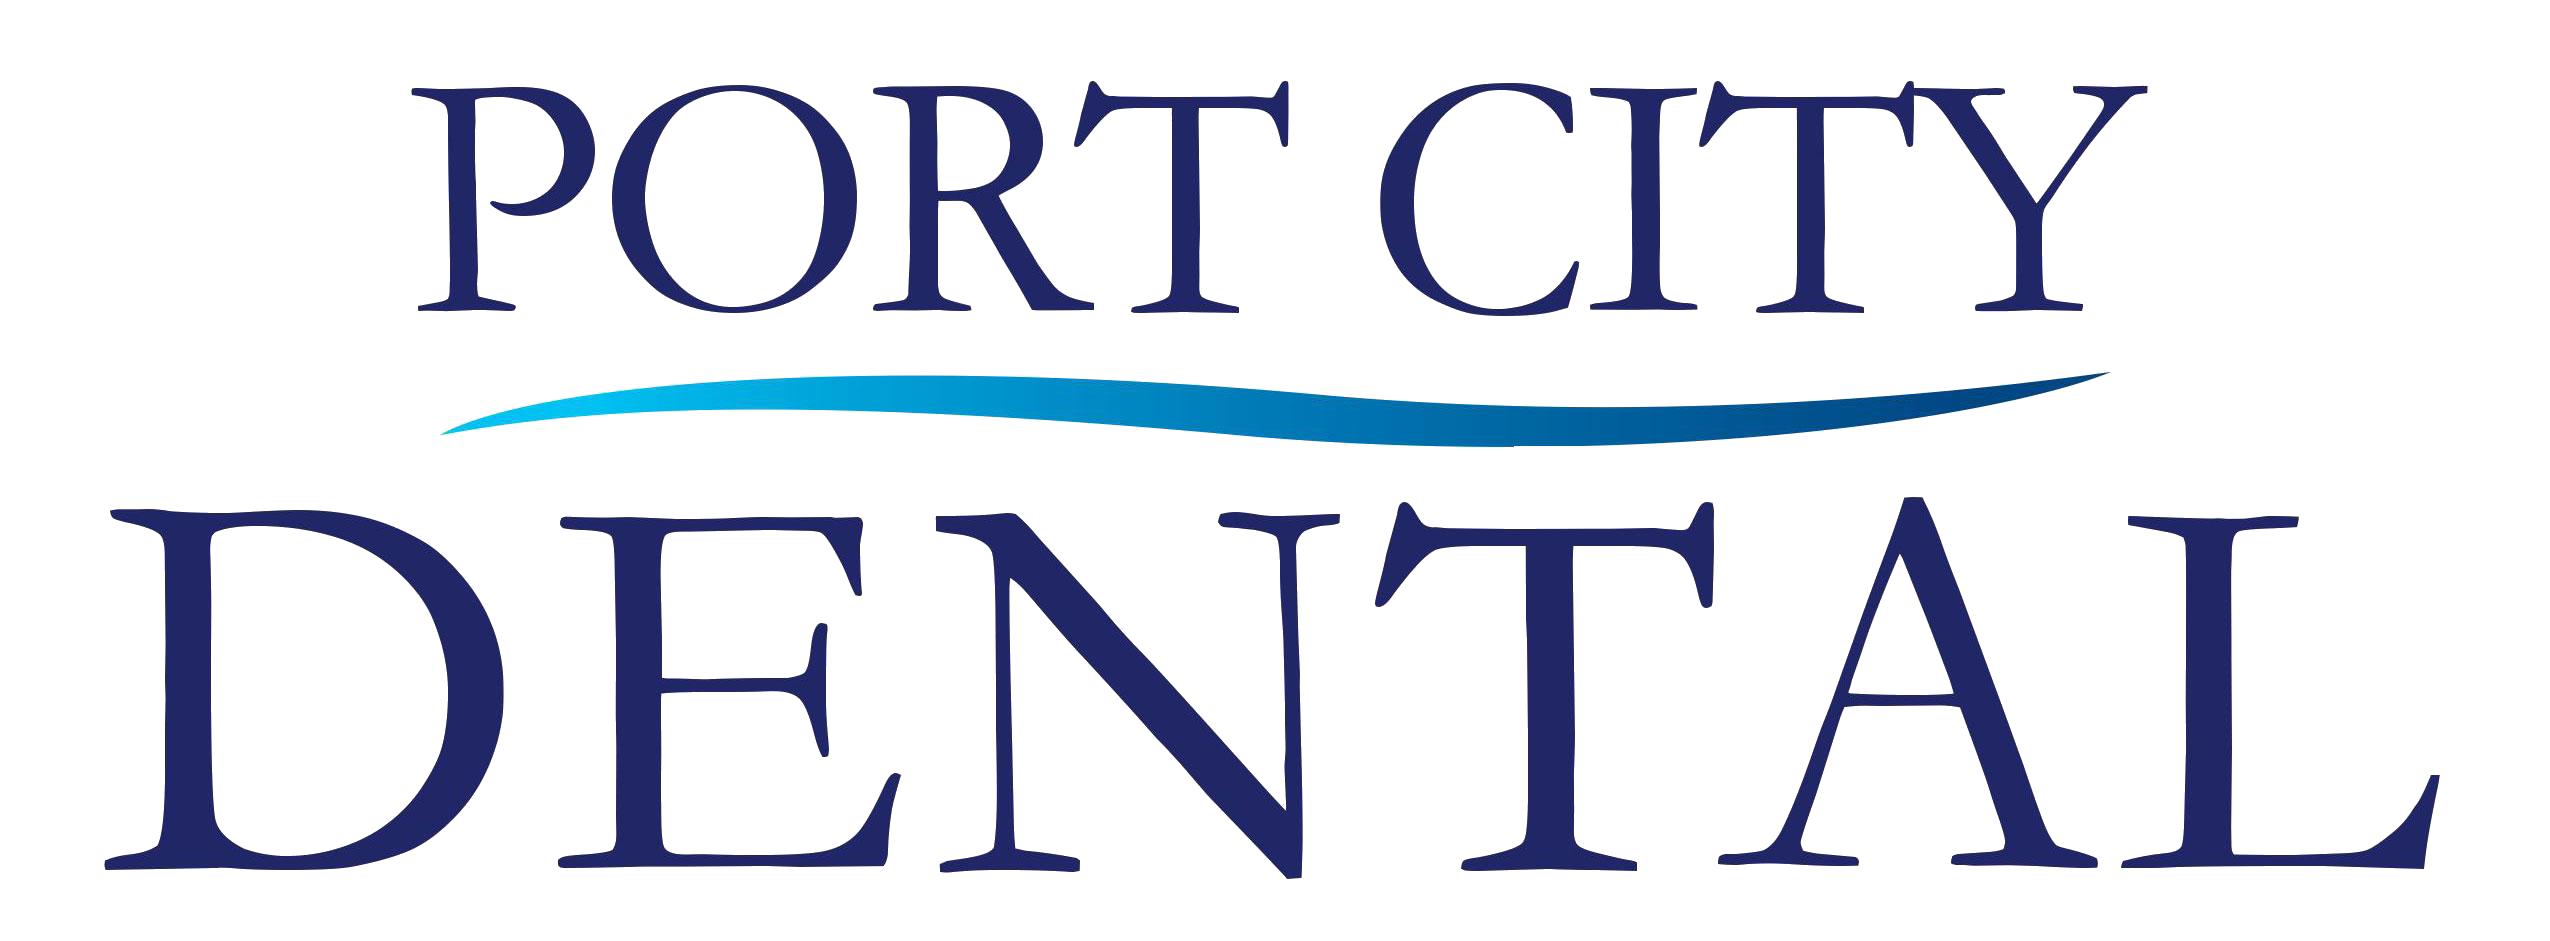 Port City Dental image 4